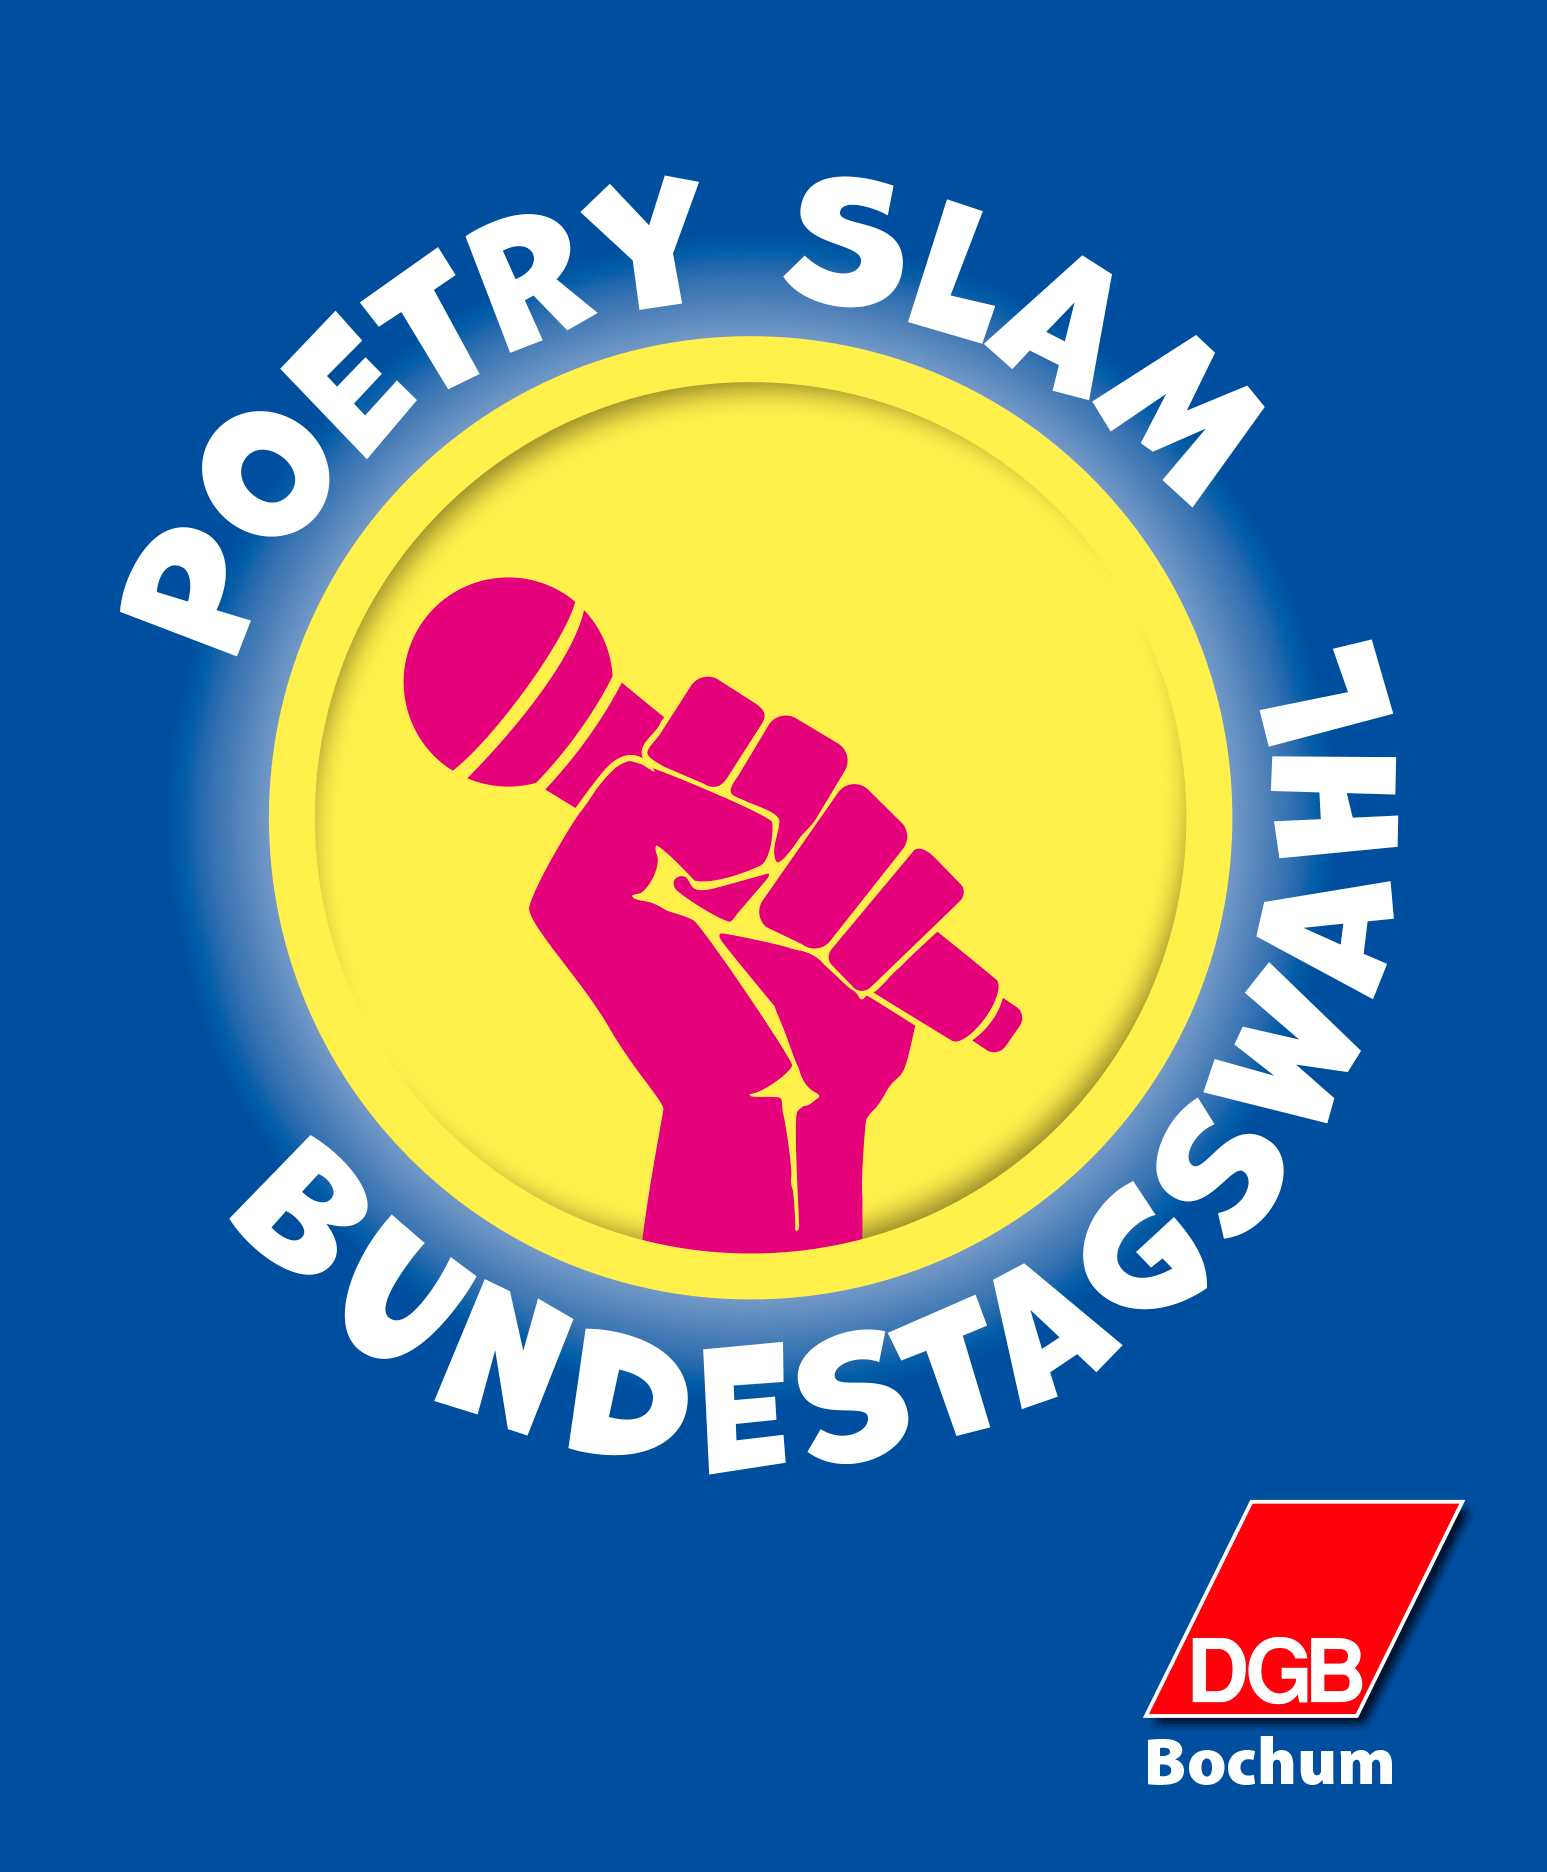 Poetry Slam (DGB Bochum) zur Bundestagswahl